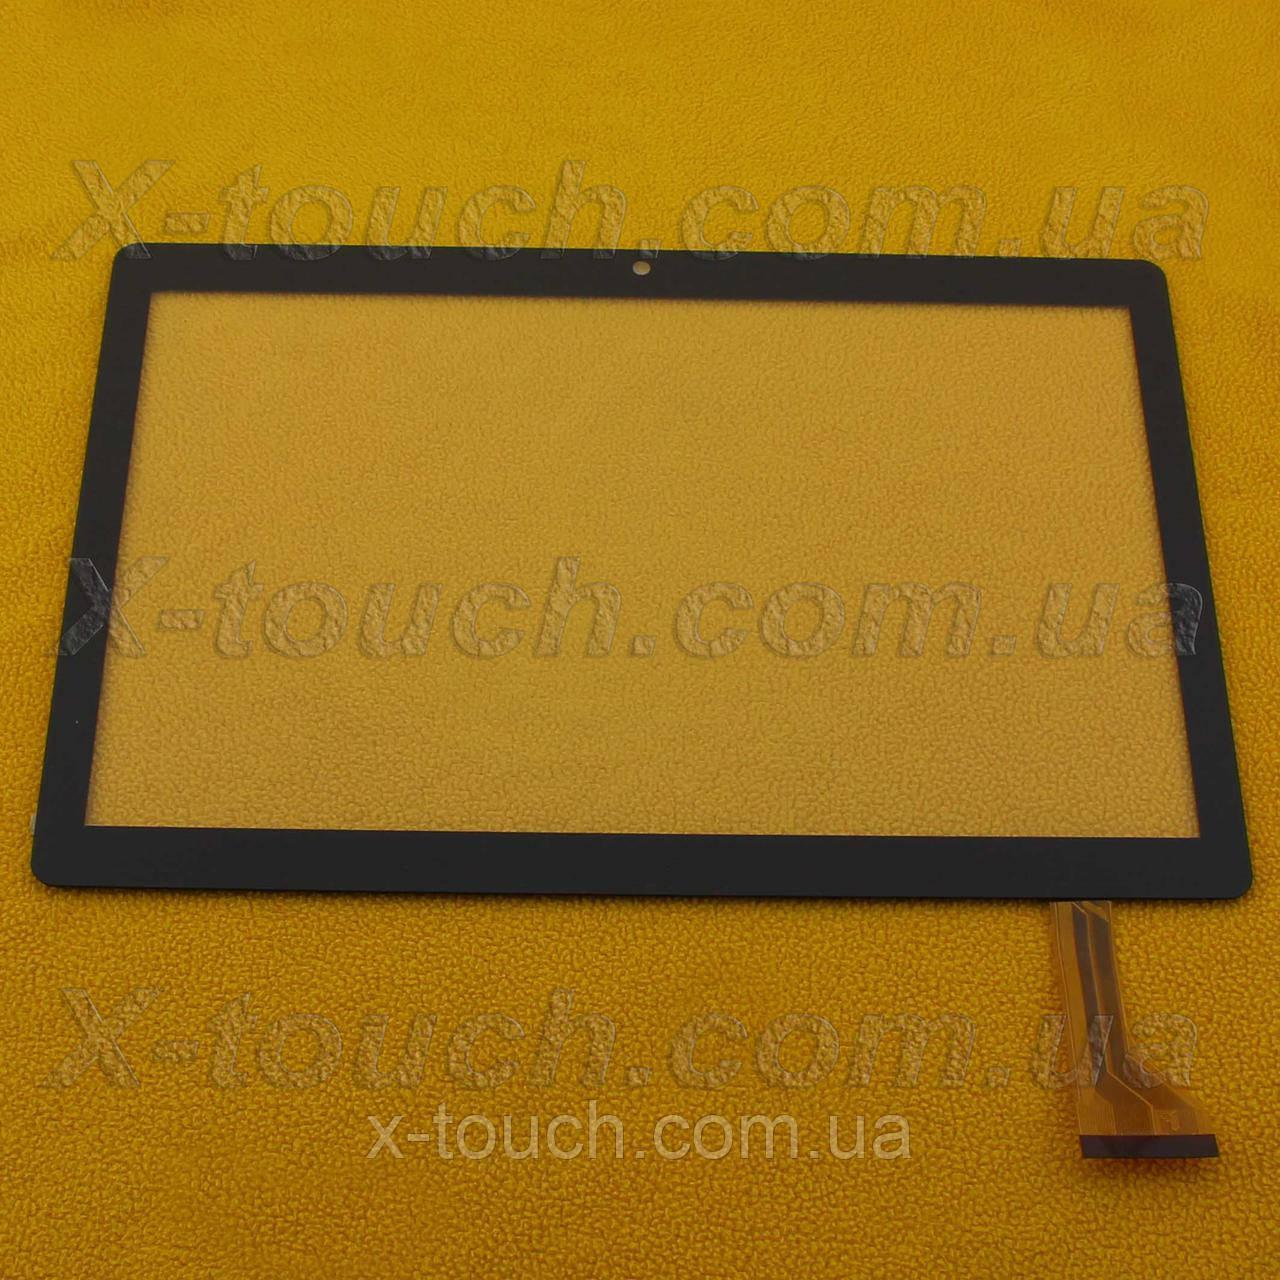 Cенсор, тачскрин CH-1096a1-FPC276-V02, 10,5 дюймов, цвет черный.